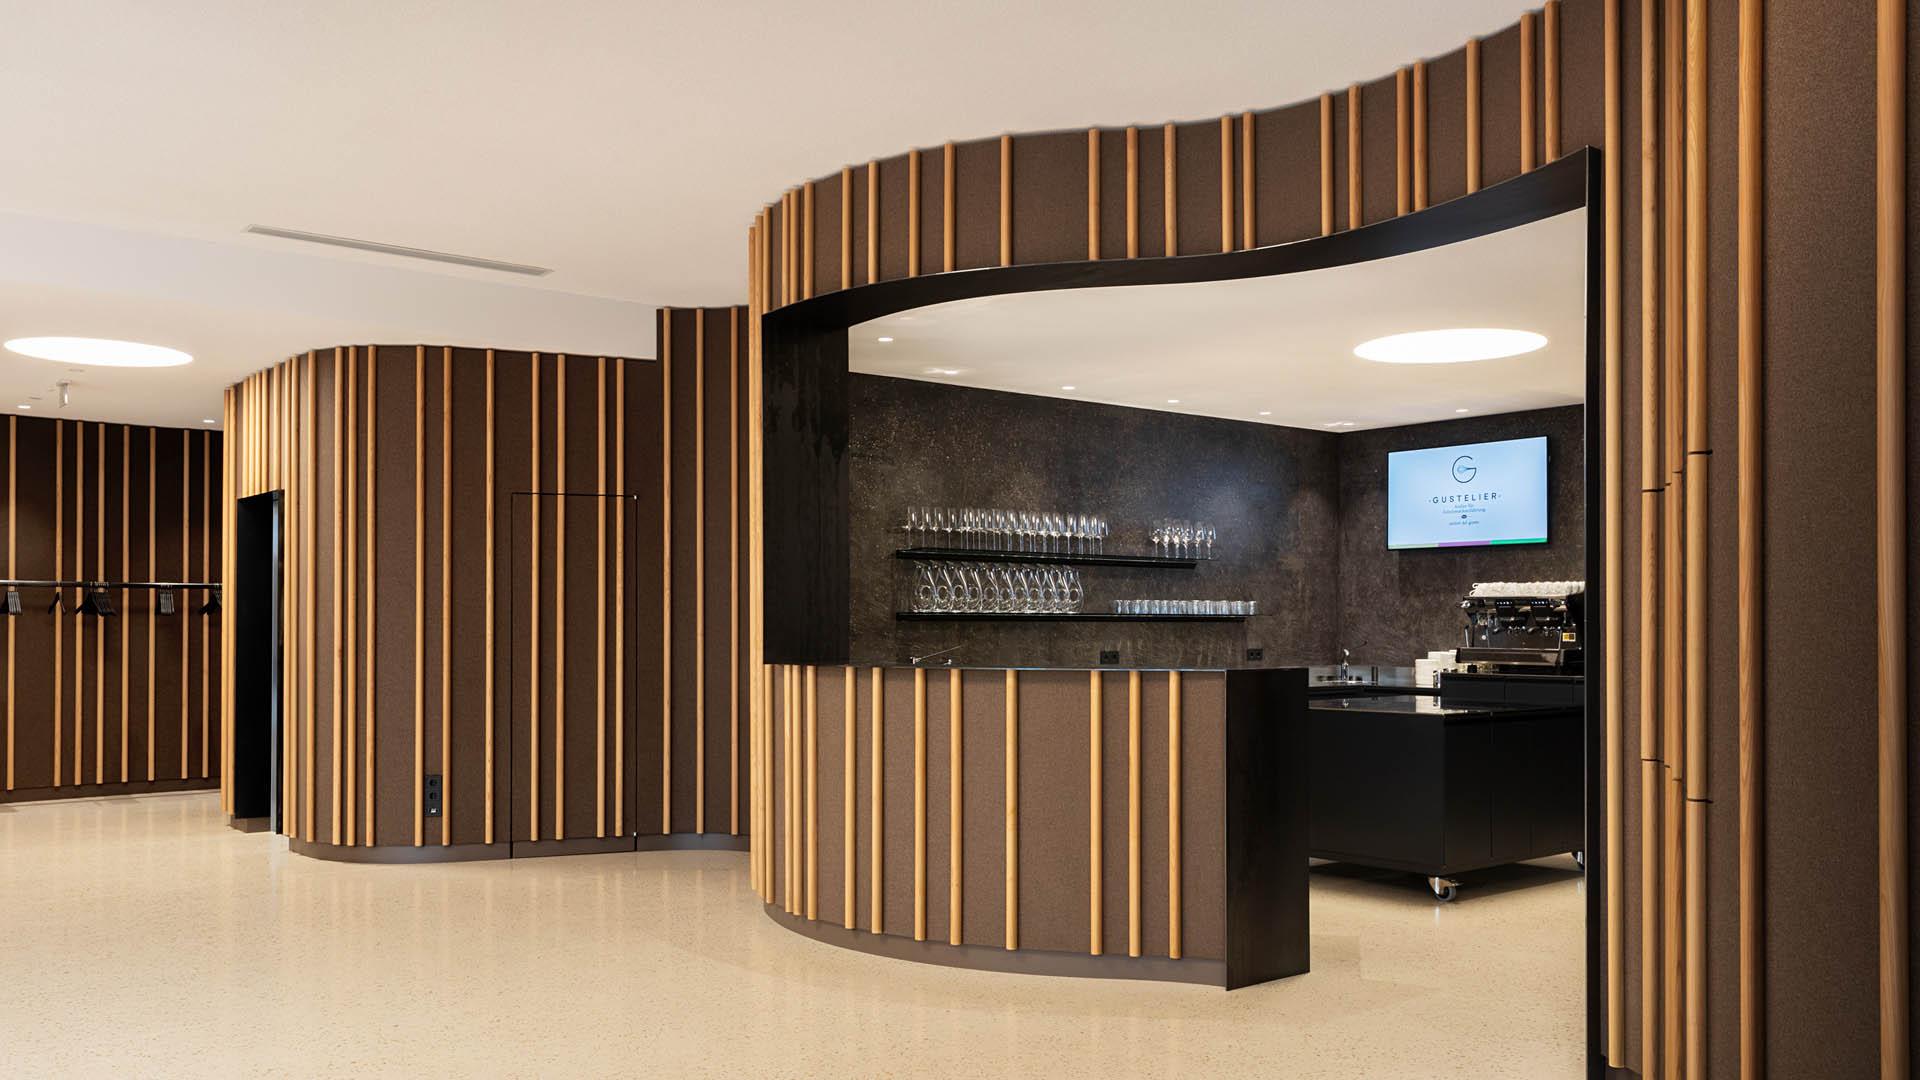 Gustelier Atelier für Geschmackserfahrung in Bozen